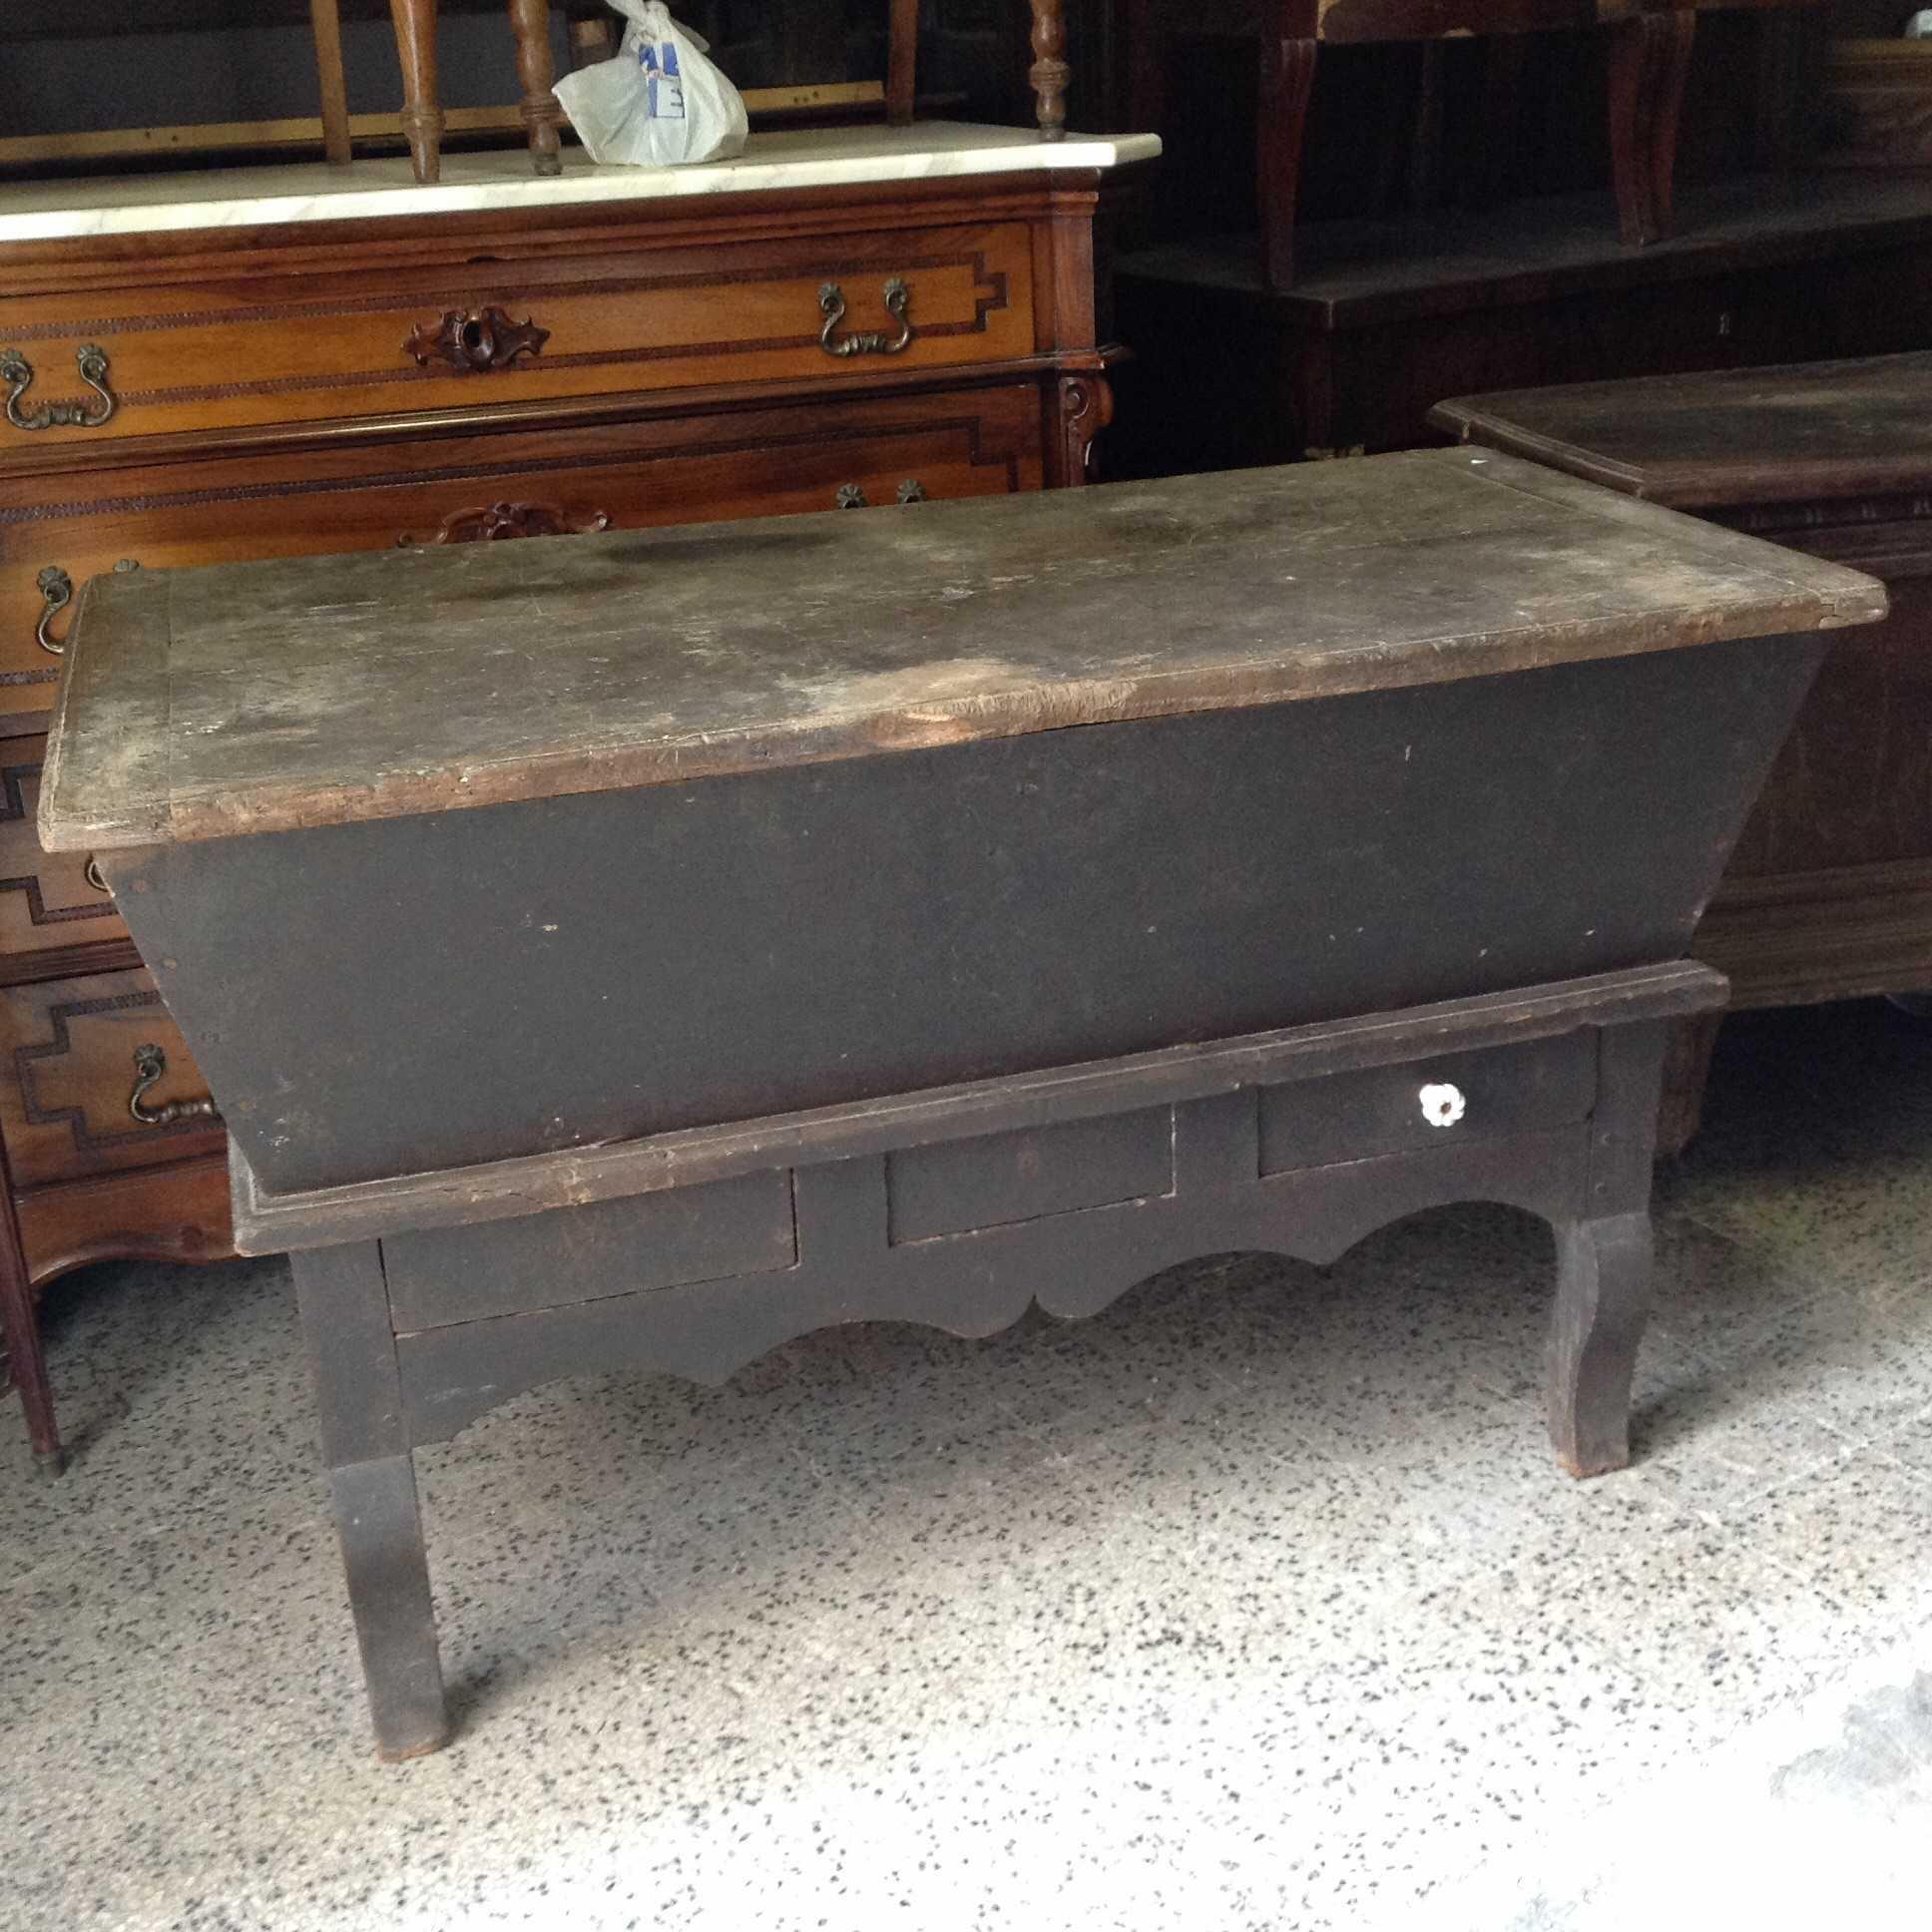 Madia piemonte arredamento mobili antiquariato musetti for Arredamento piemonte